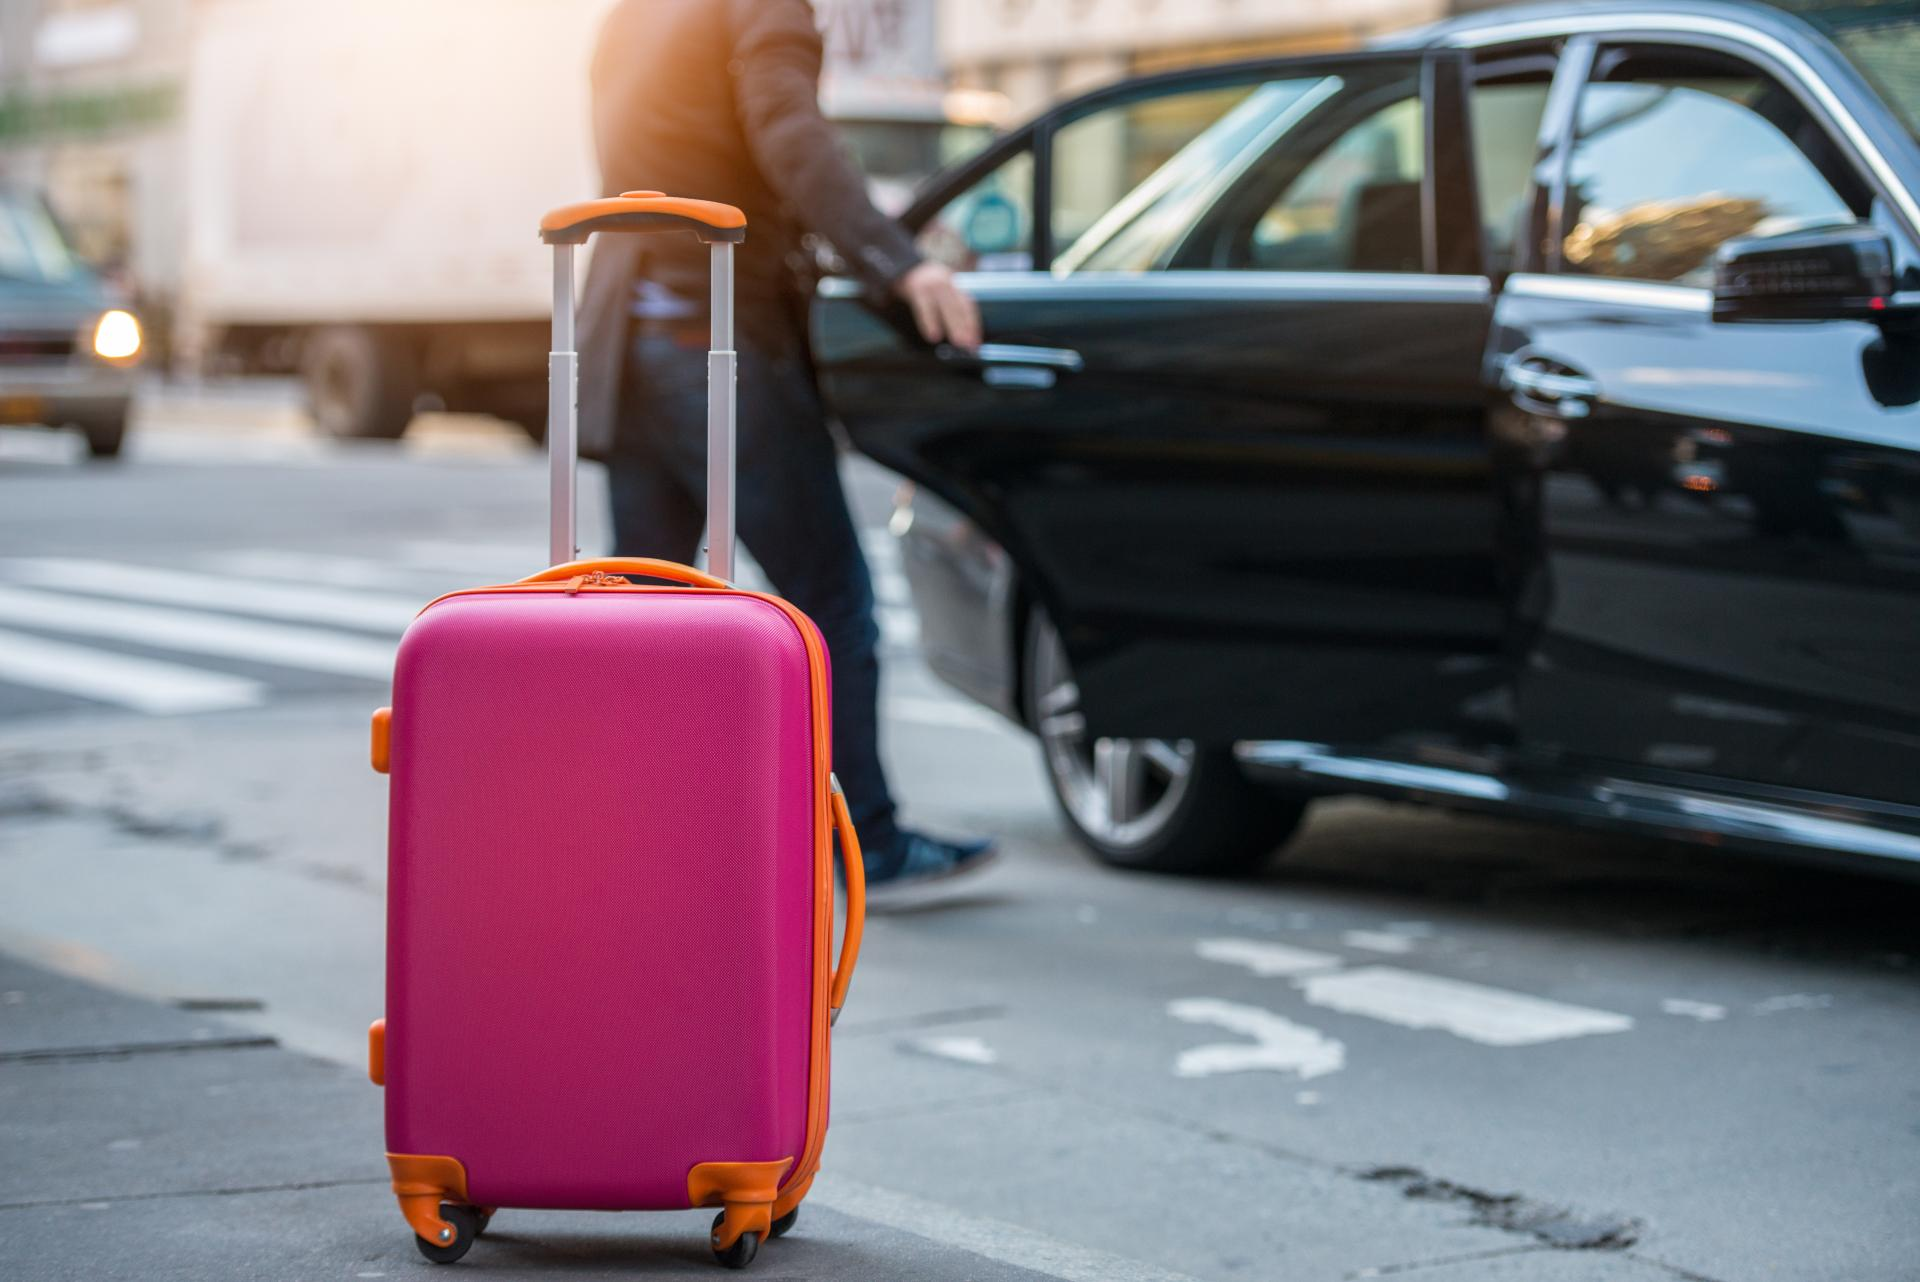 Taxi en Málaga económico y de calidad: Taxi Aeropuerto de Málaga Traslado Charly 24 Horas